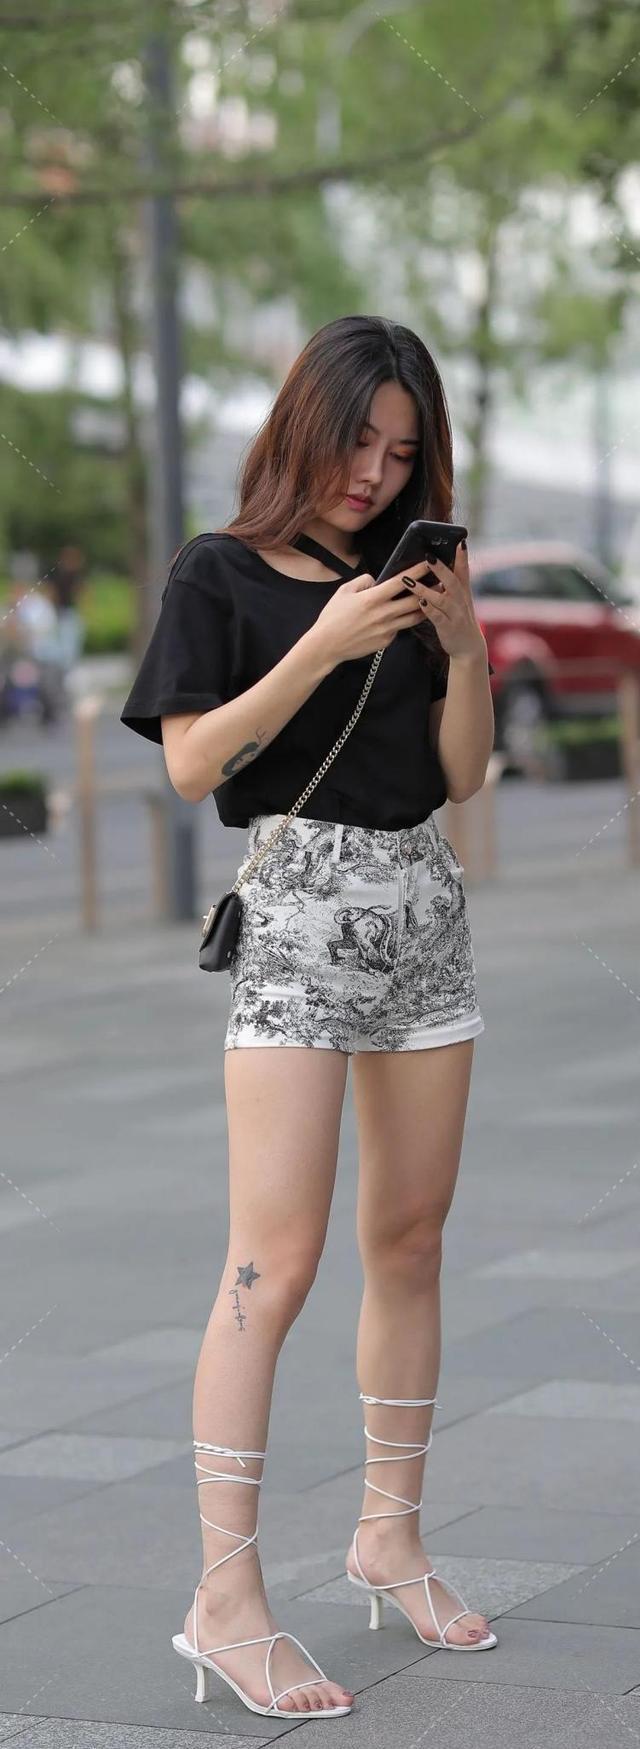 跨脖短袖搭配小清新短裤,最简单时髦单品,搭配出最时尚的风格!